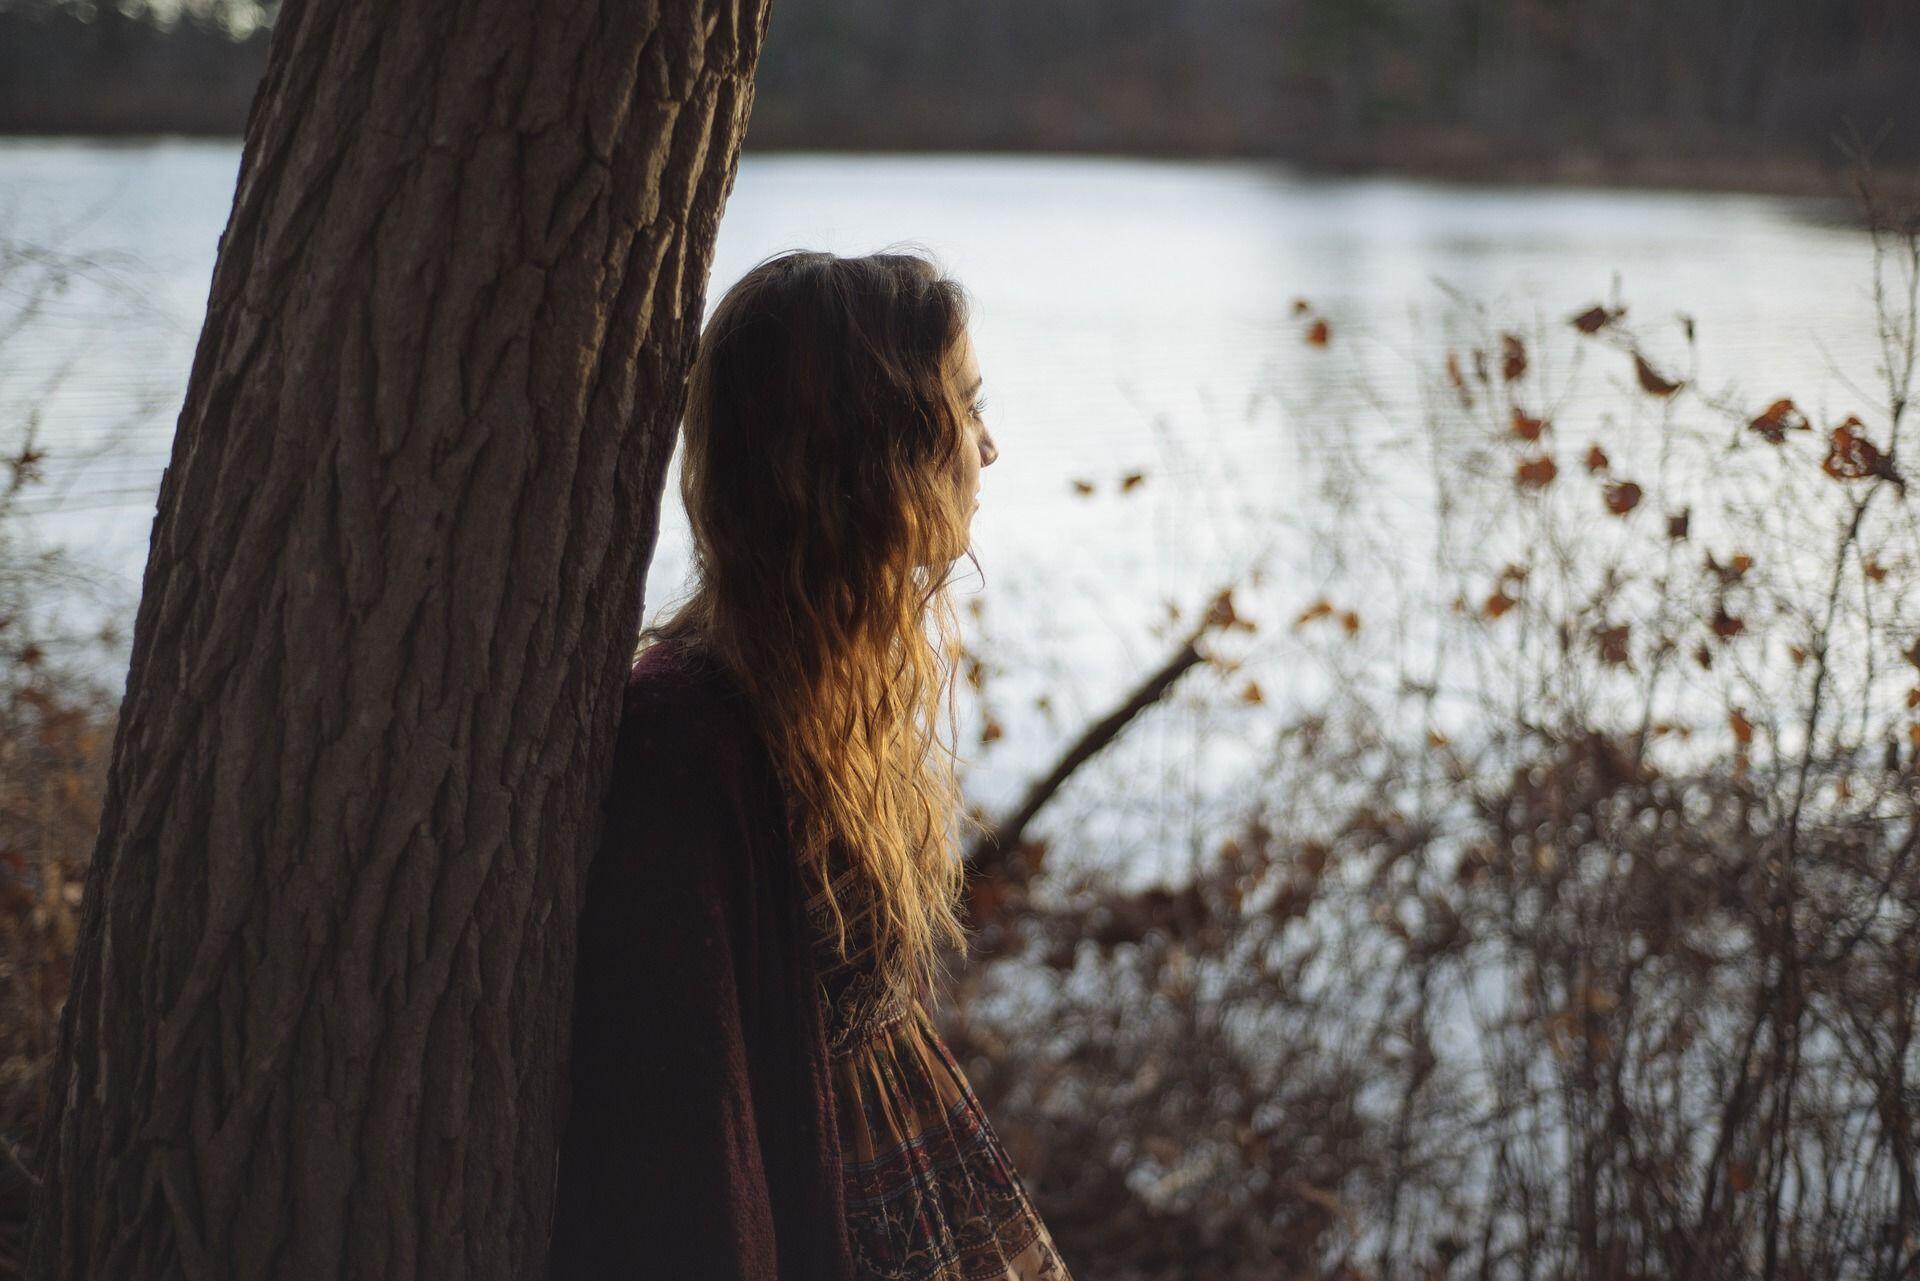 Kangen Rumah? 8 Tips Ini Bisa Bantu Kamu Atasi Homesickness